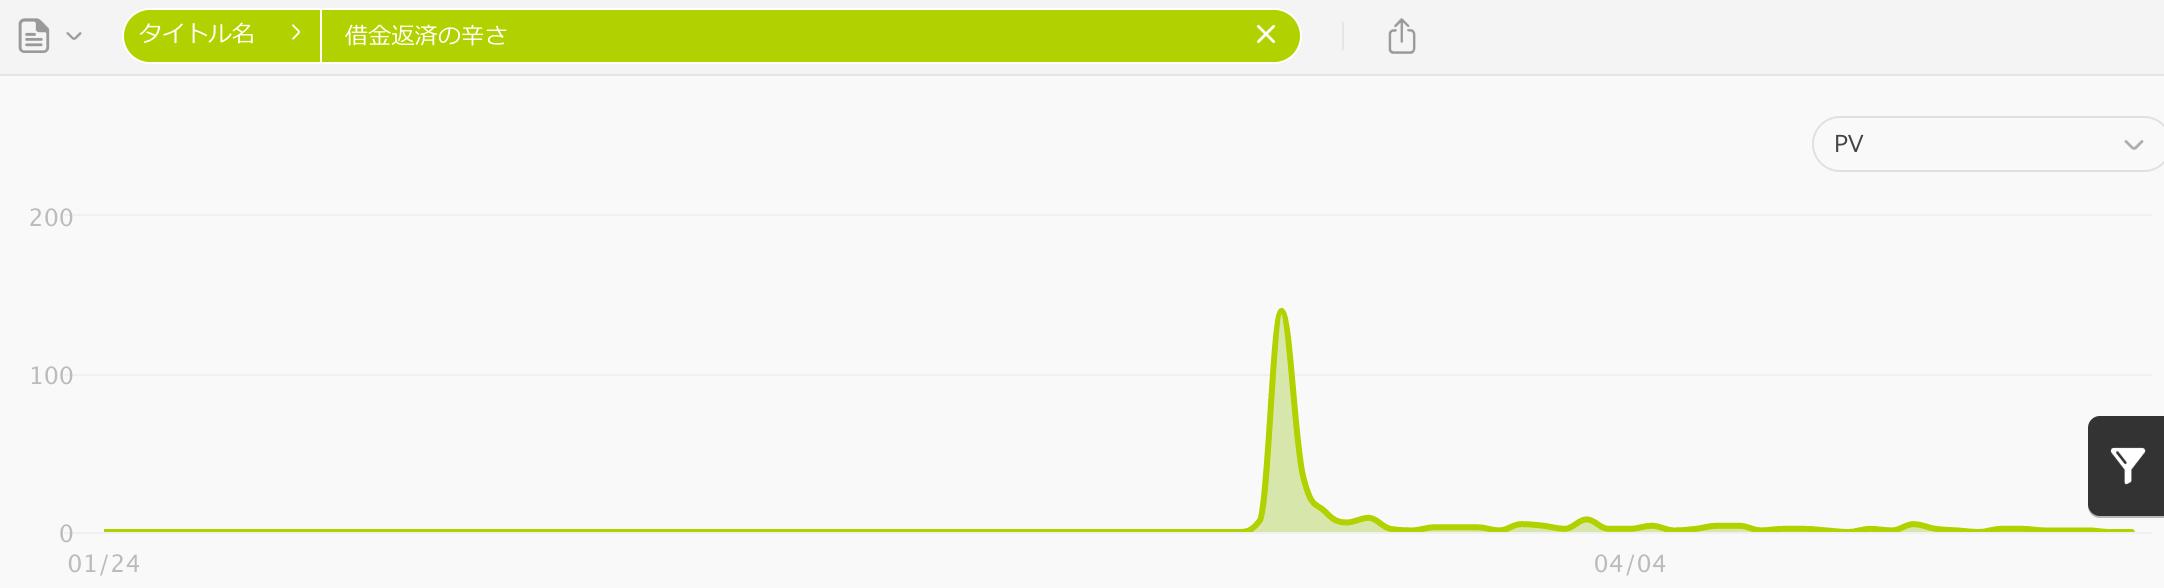 借金返済の辛さ (グラフ)